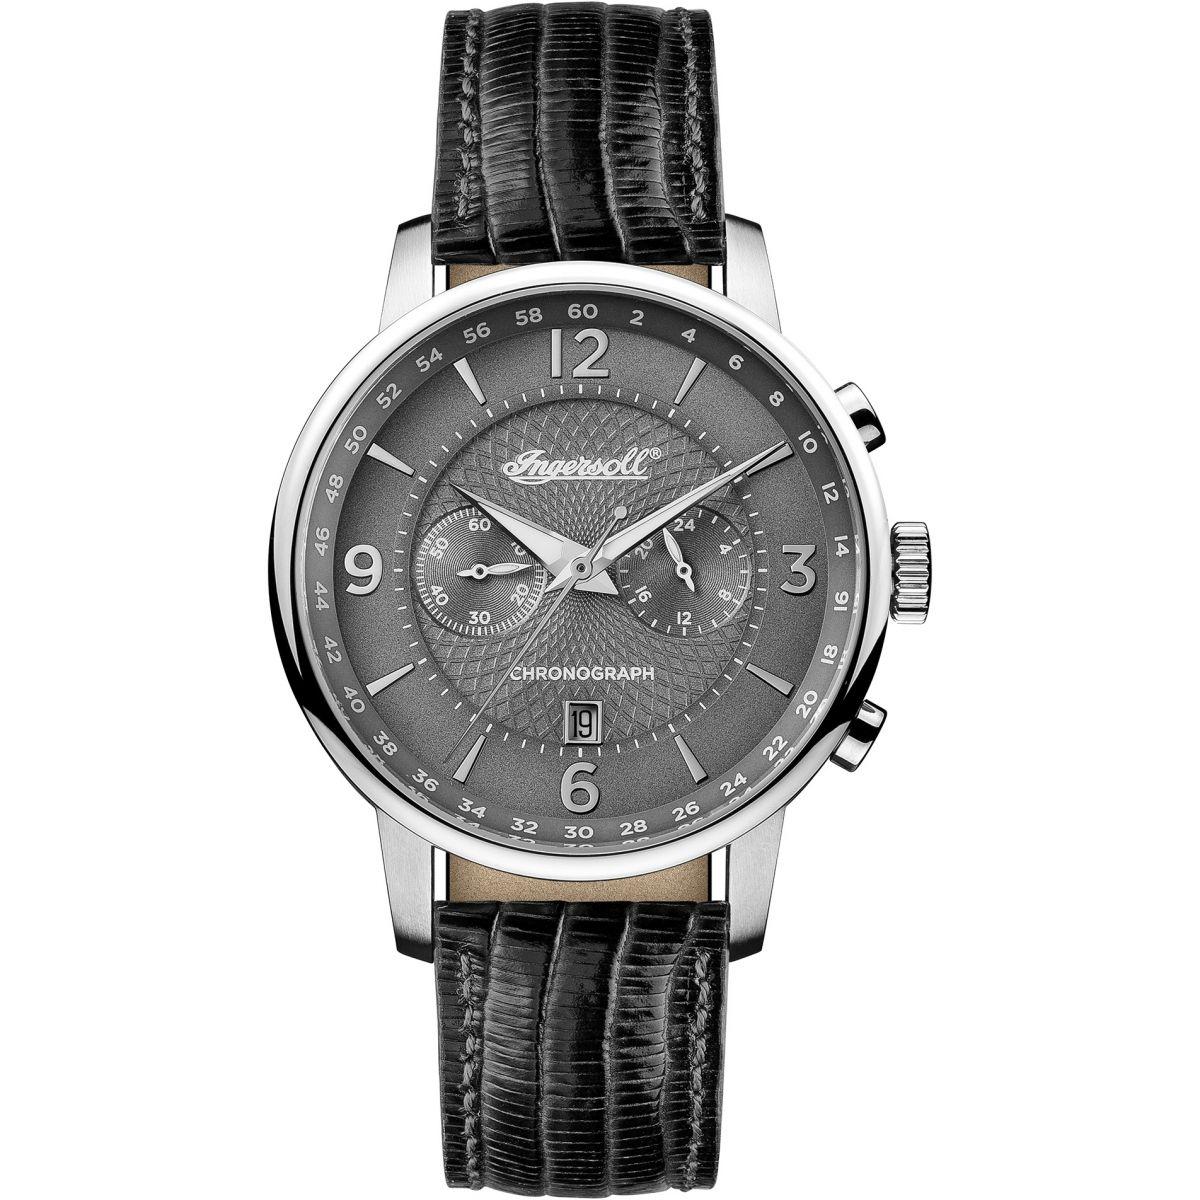 Herren ingersoll the grafton chronograf uhr i00601 for The grafton